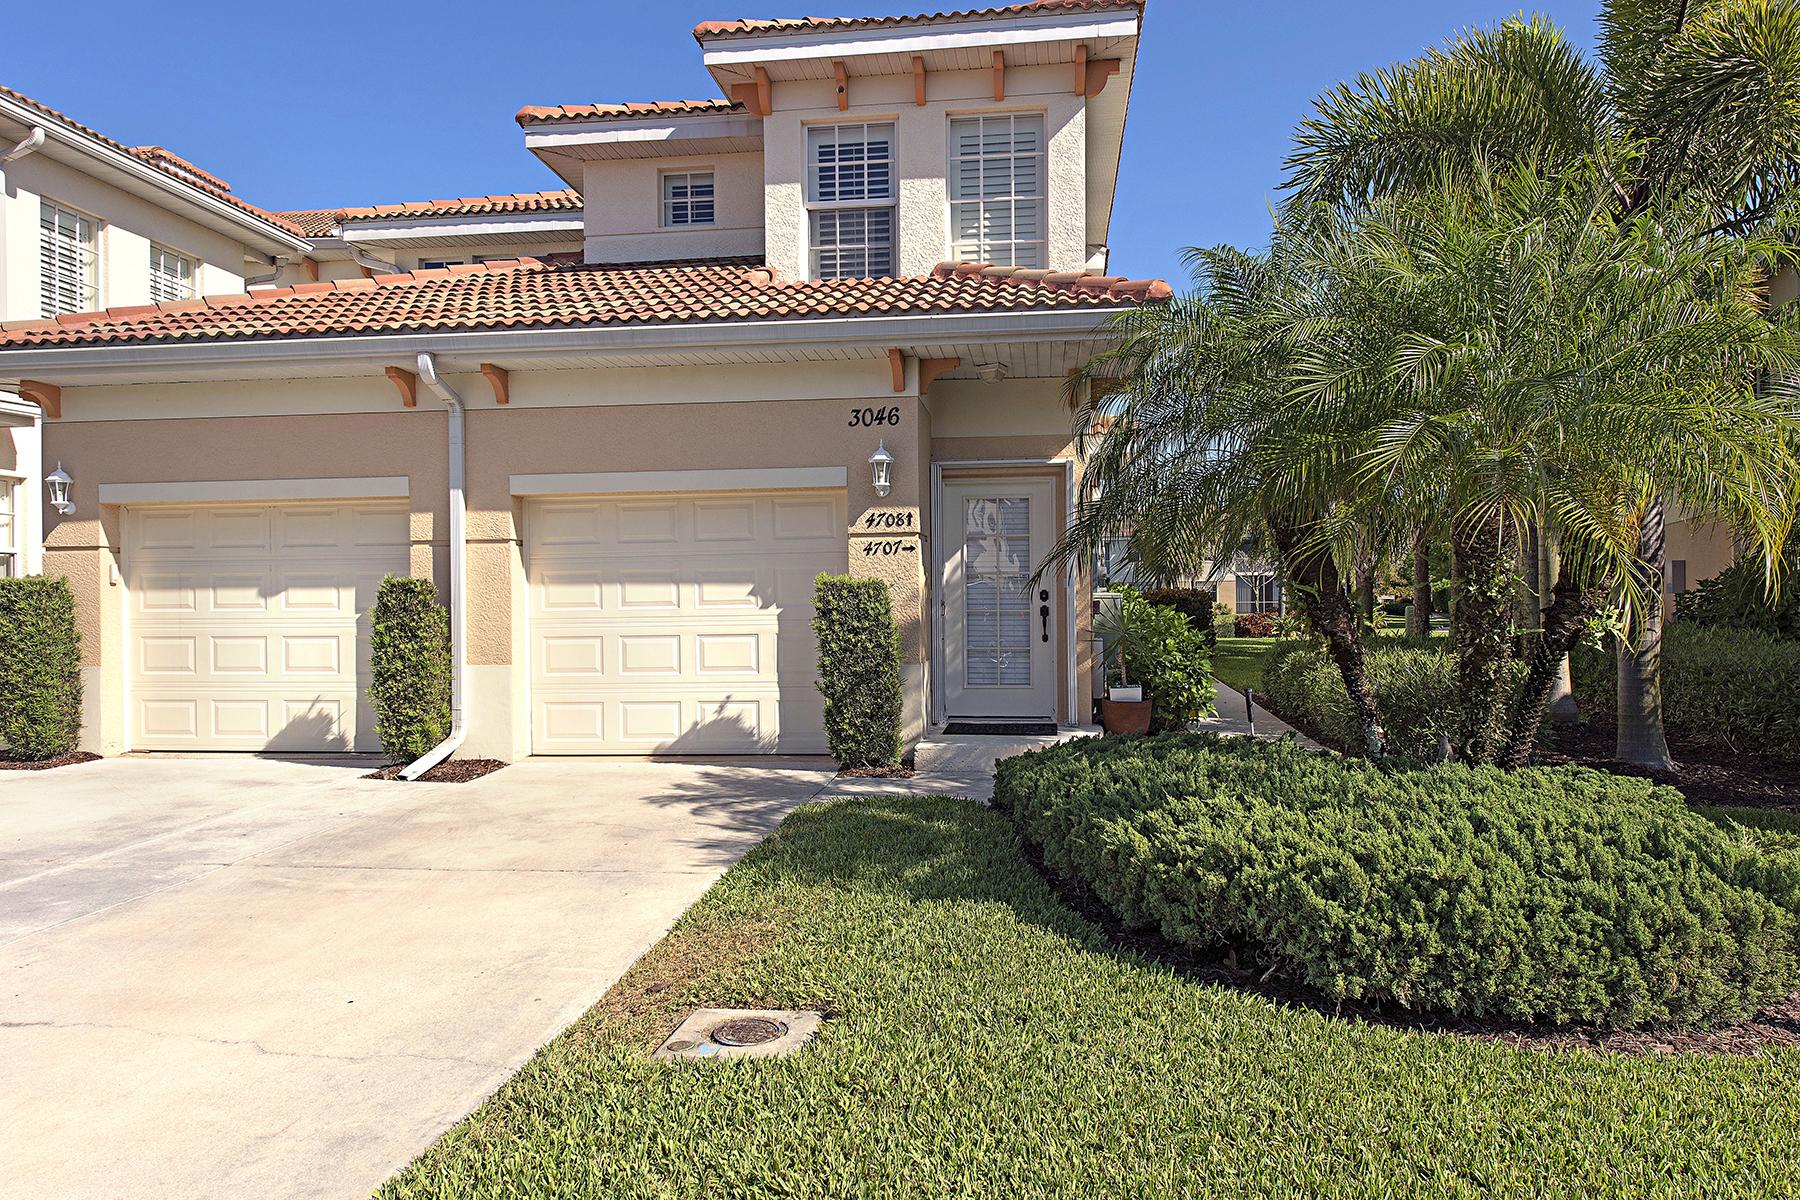 Condominio per Vendita alle ore BRIDGEWATER BAY - COCONUT BAY 3046 Driftwood Way 4708 Naples, Florida, 34109 Stati Uniti